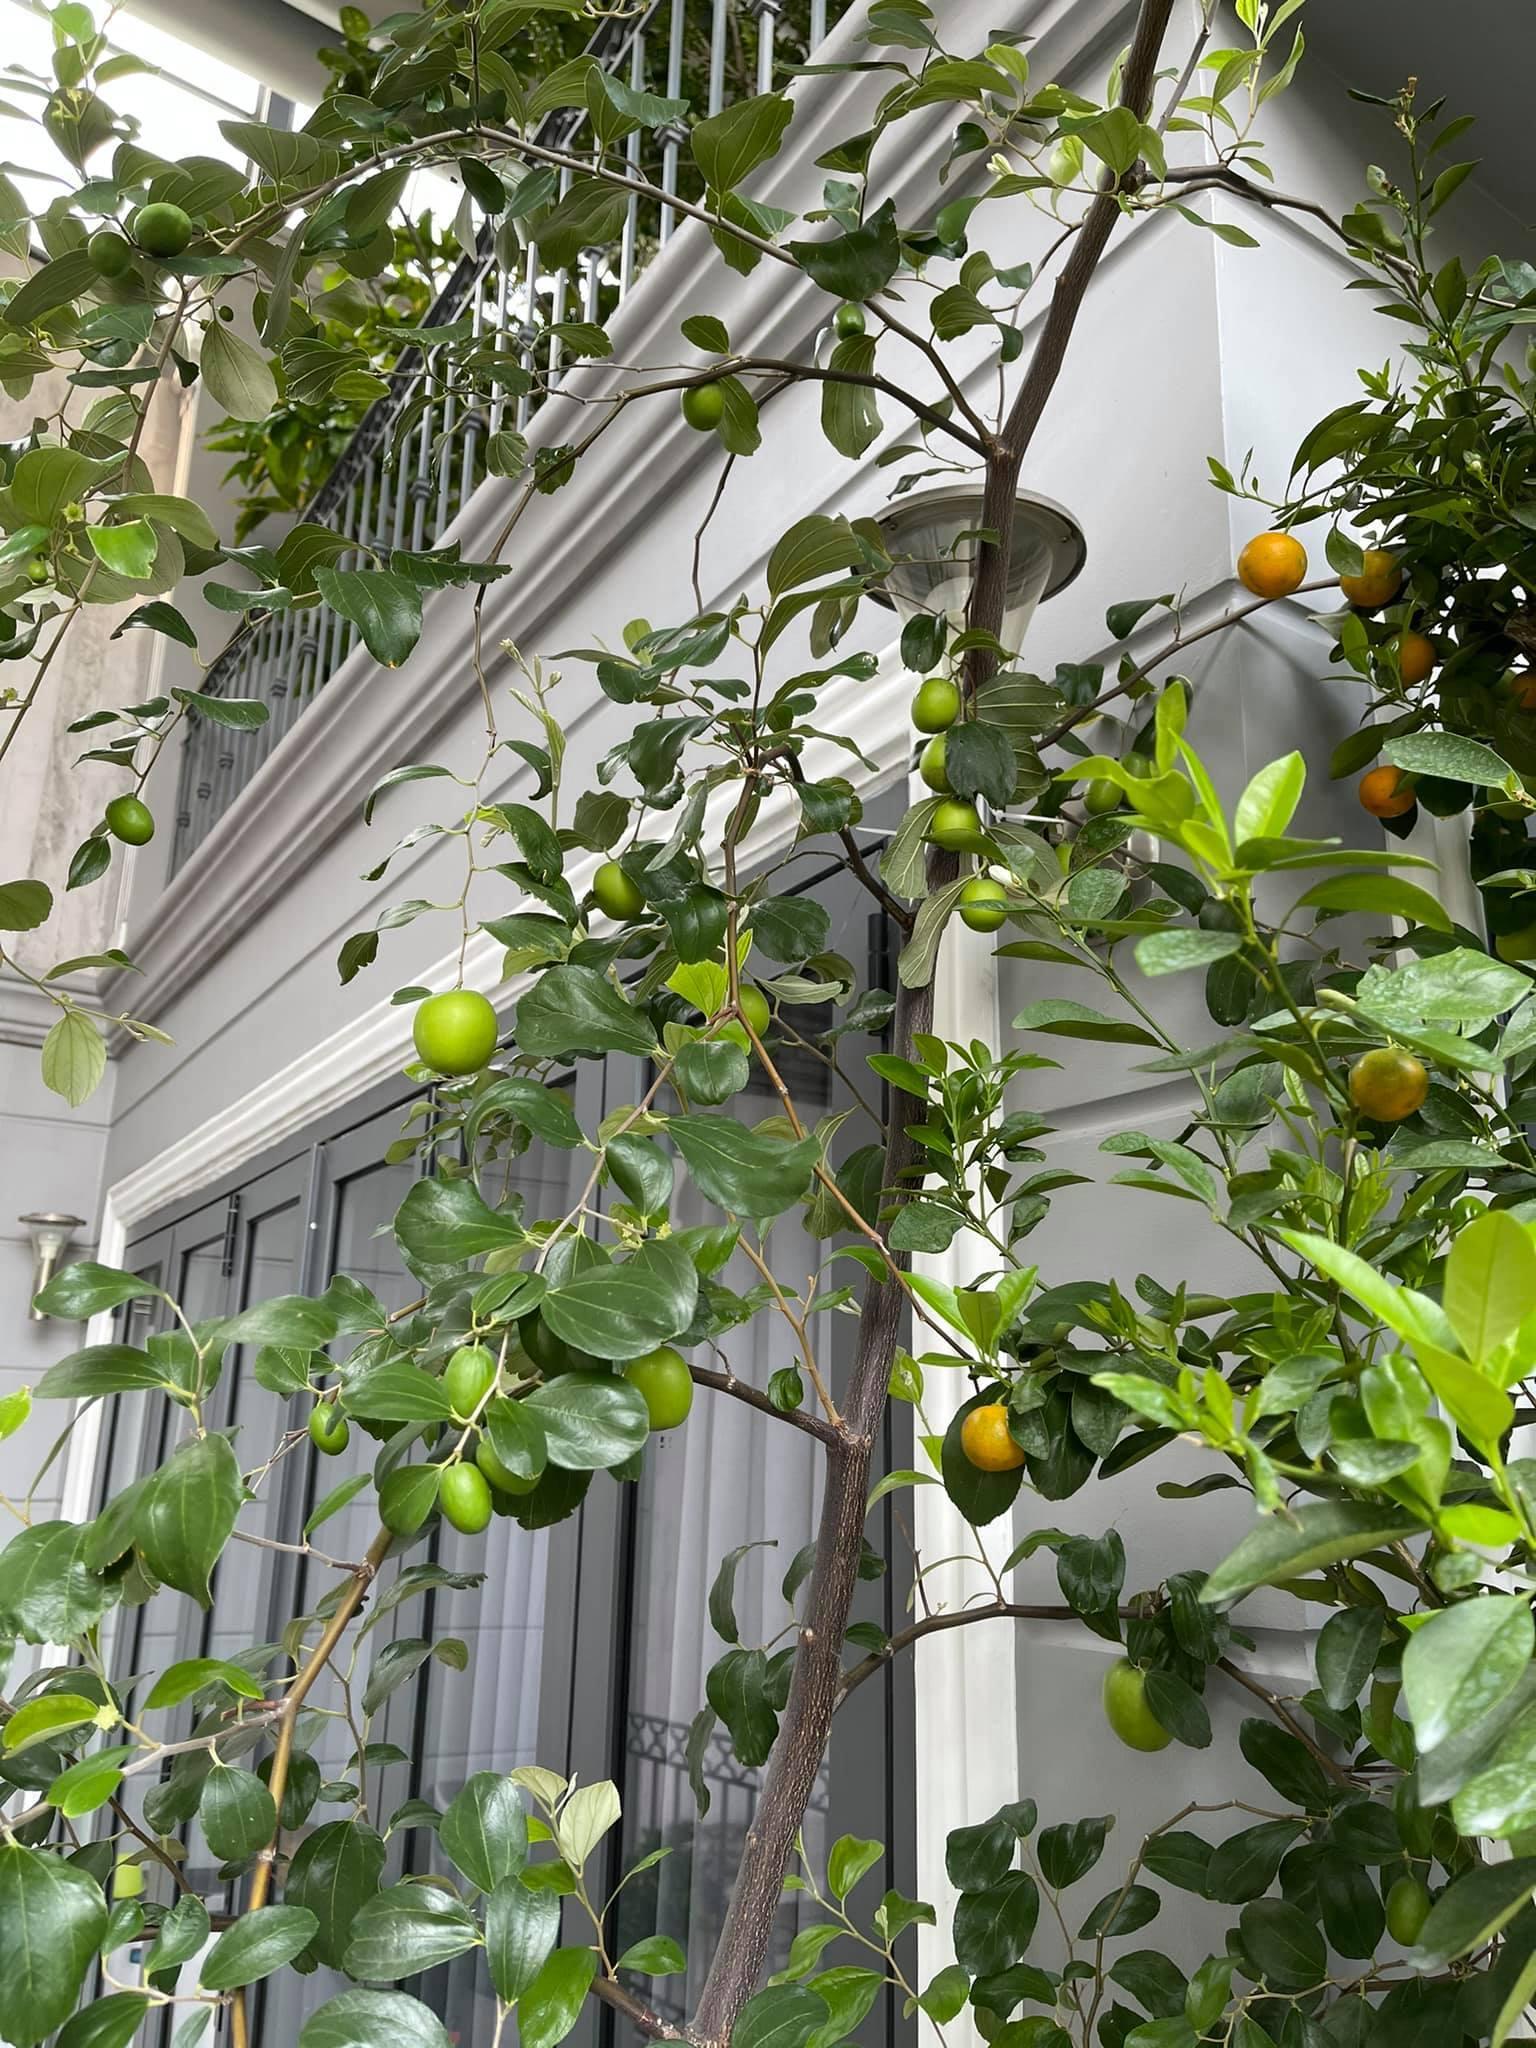 Nhà phố với giàn cây thẳng đứng, hoa trái quanh năm rực rỡ